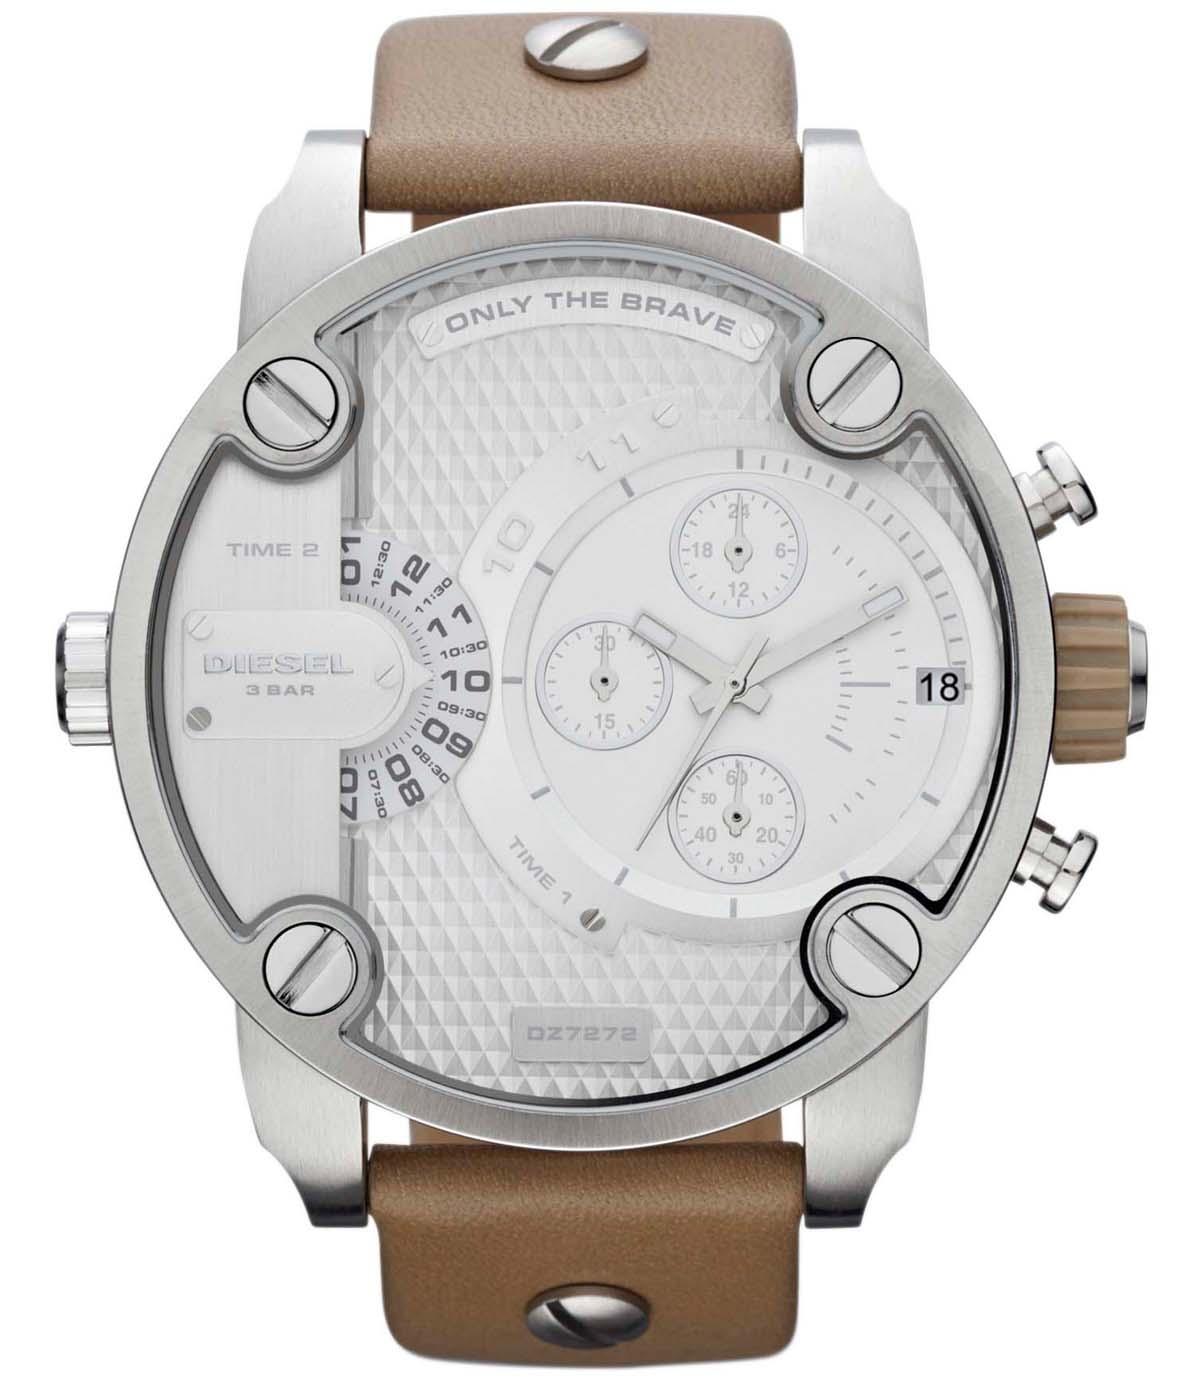 Stort Diesel armbåndsur med lækker bred læderrem - Diesel Little Daddy DZ7272